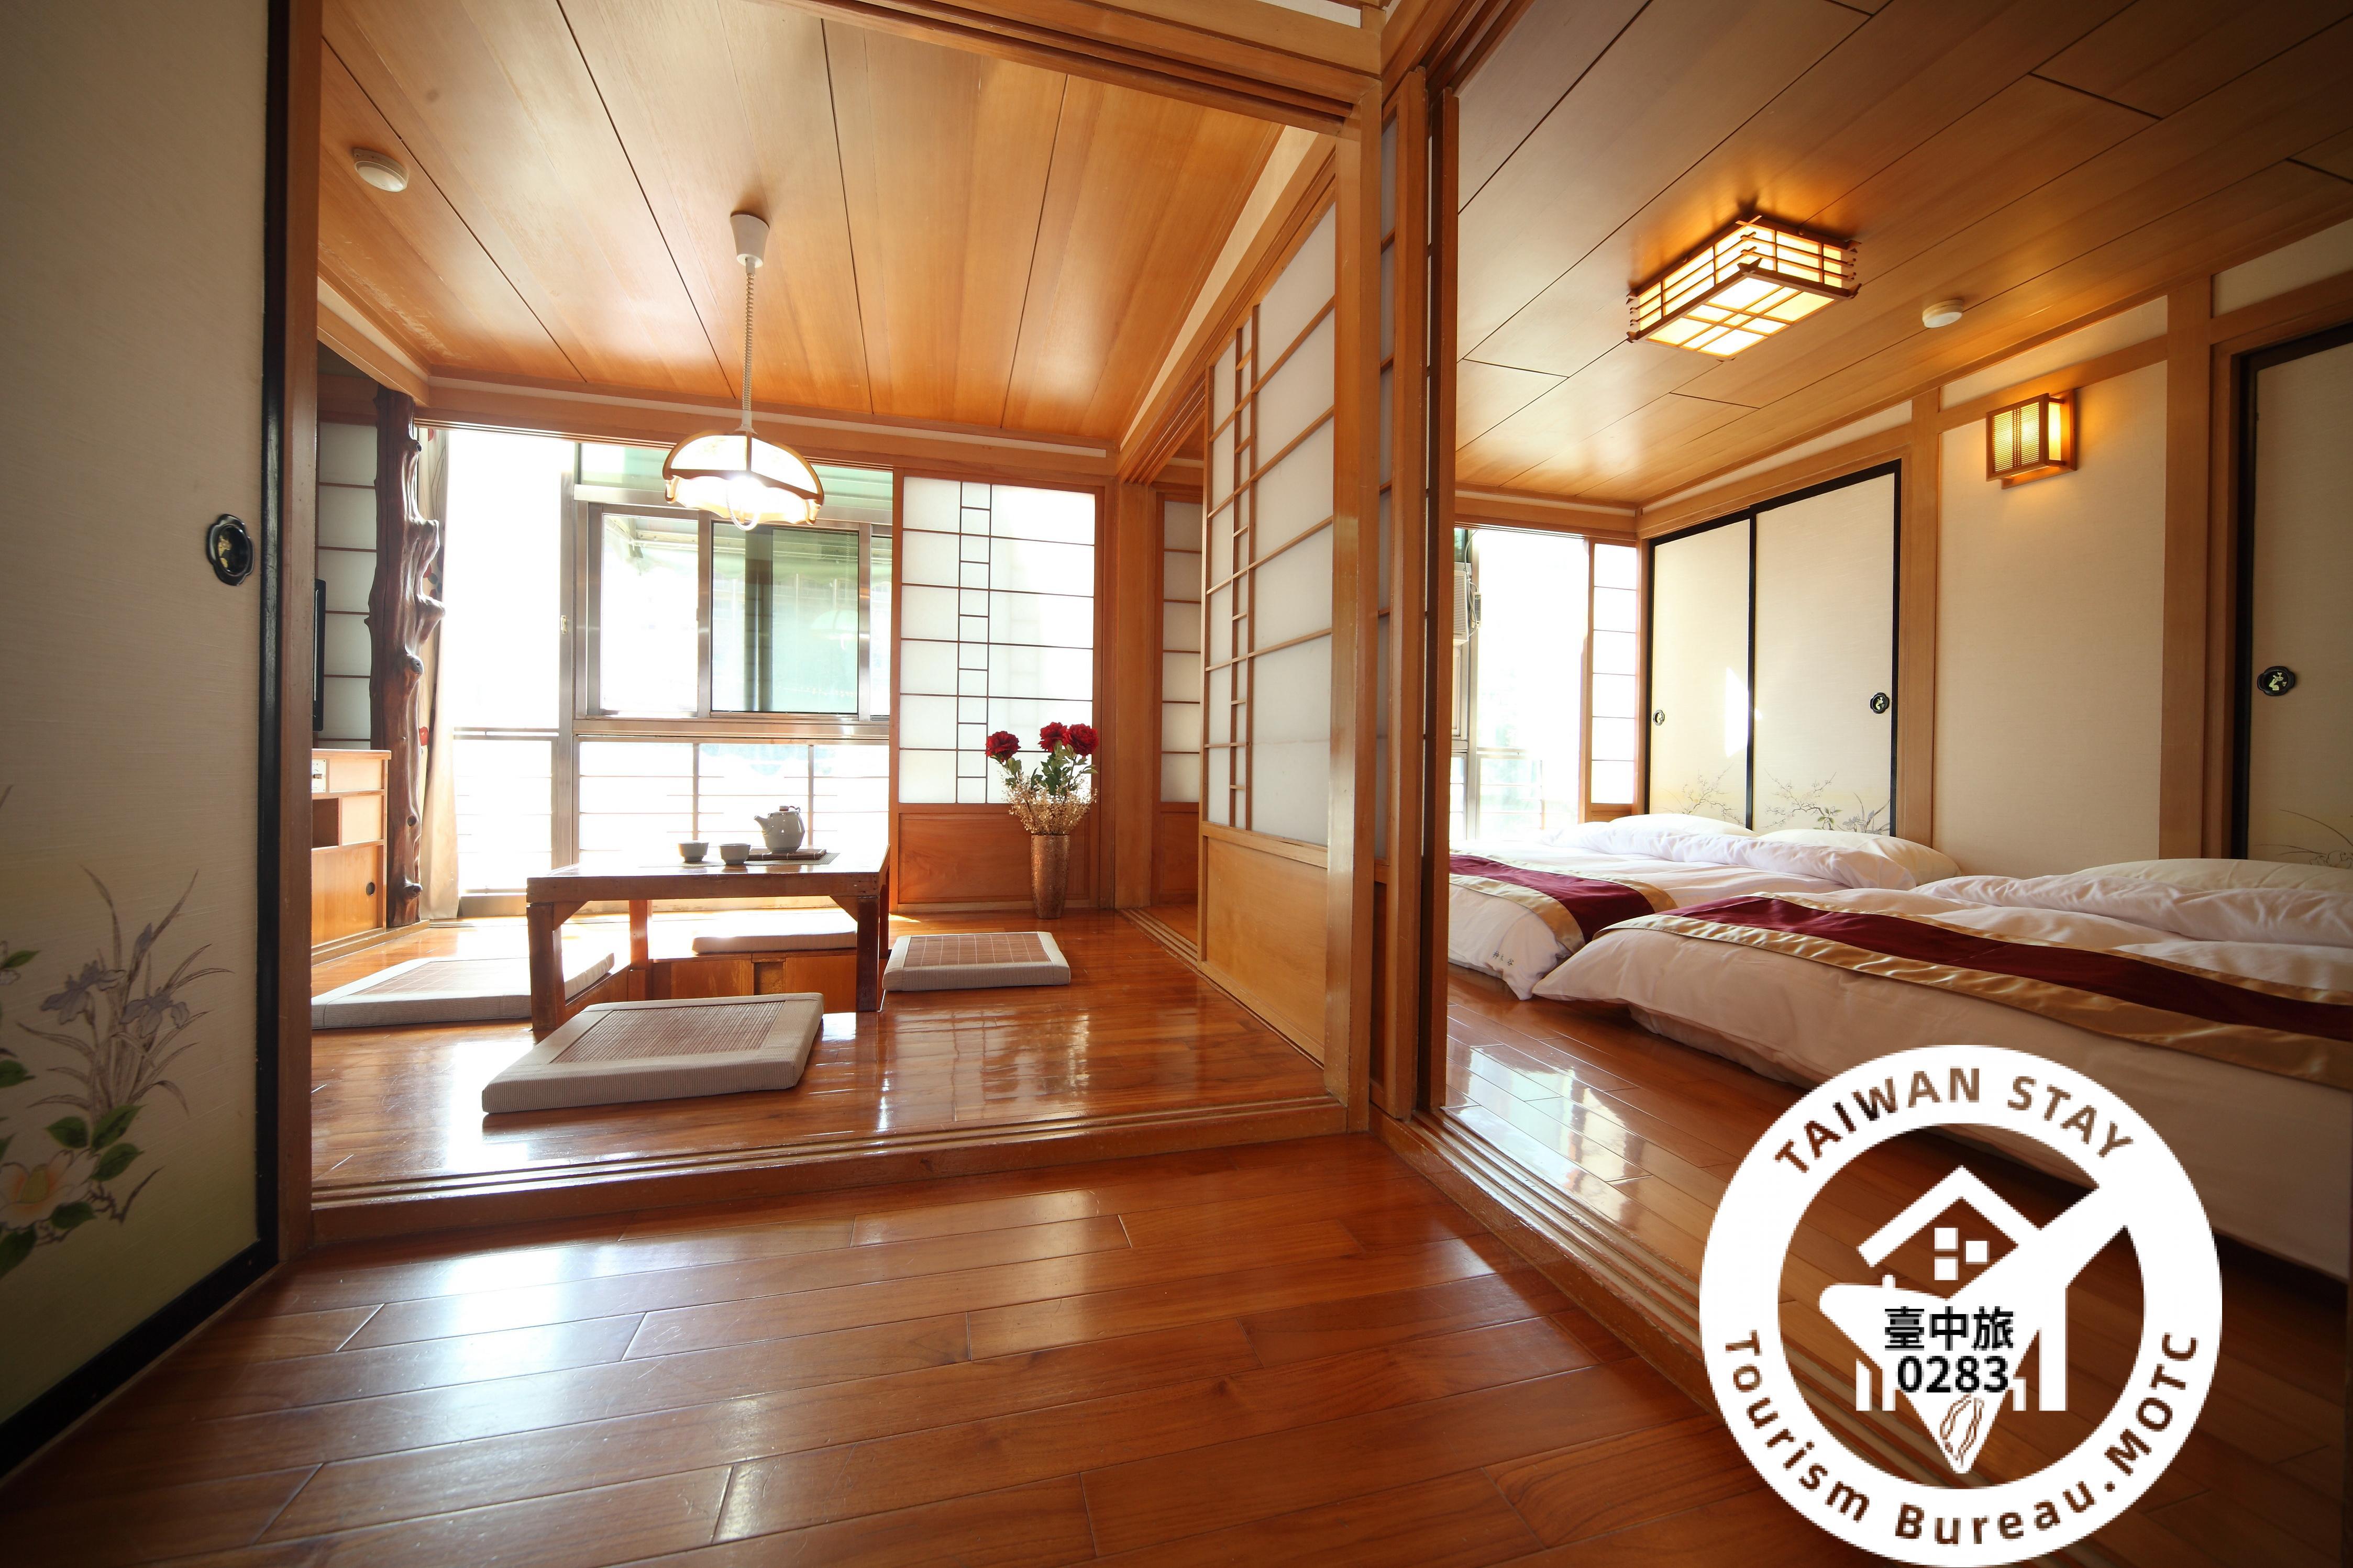 日式四人房照片_1